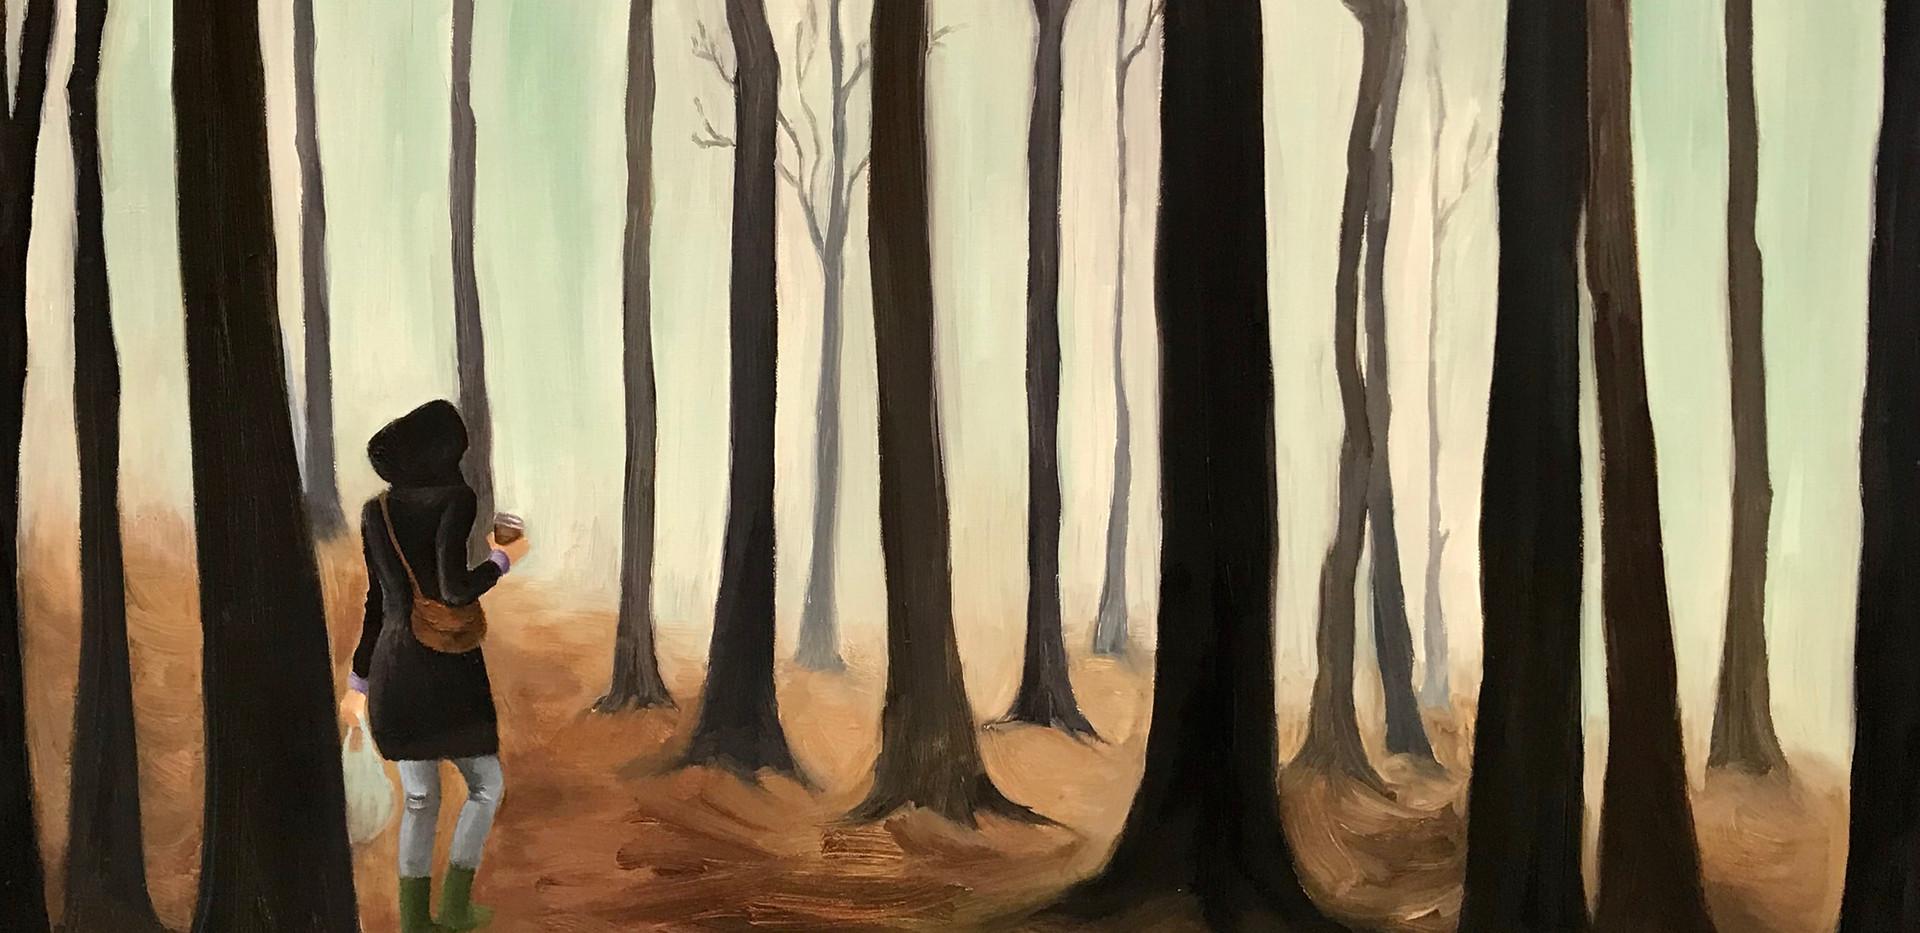 Yksin, Alone, 2011, 92cm x 89cm, öljy kankaalle